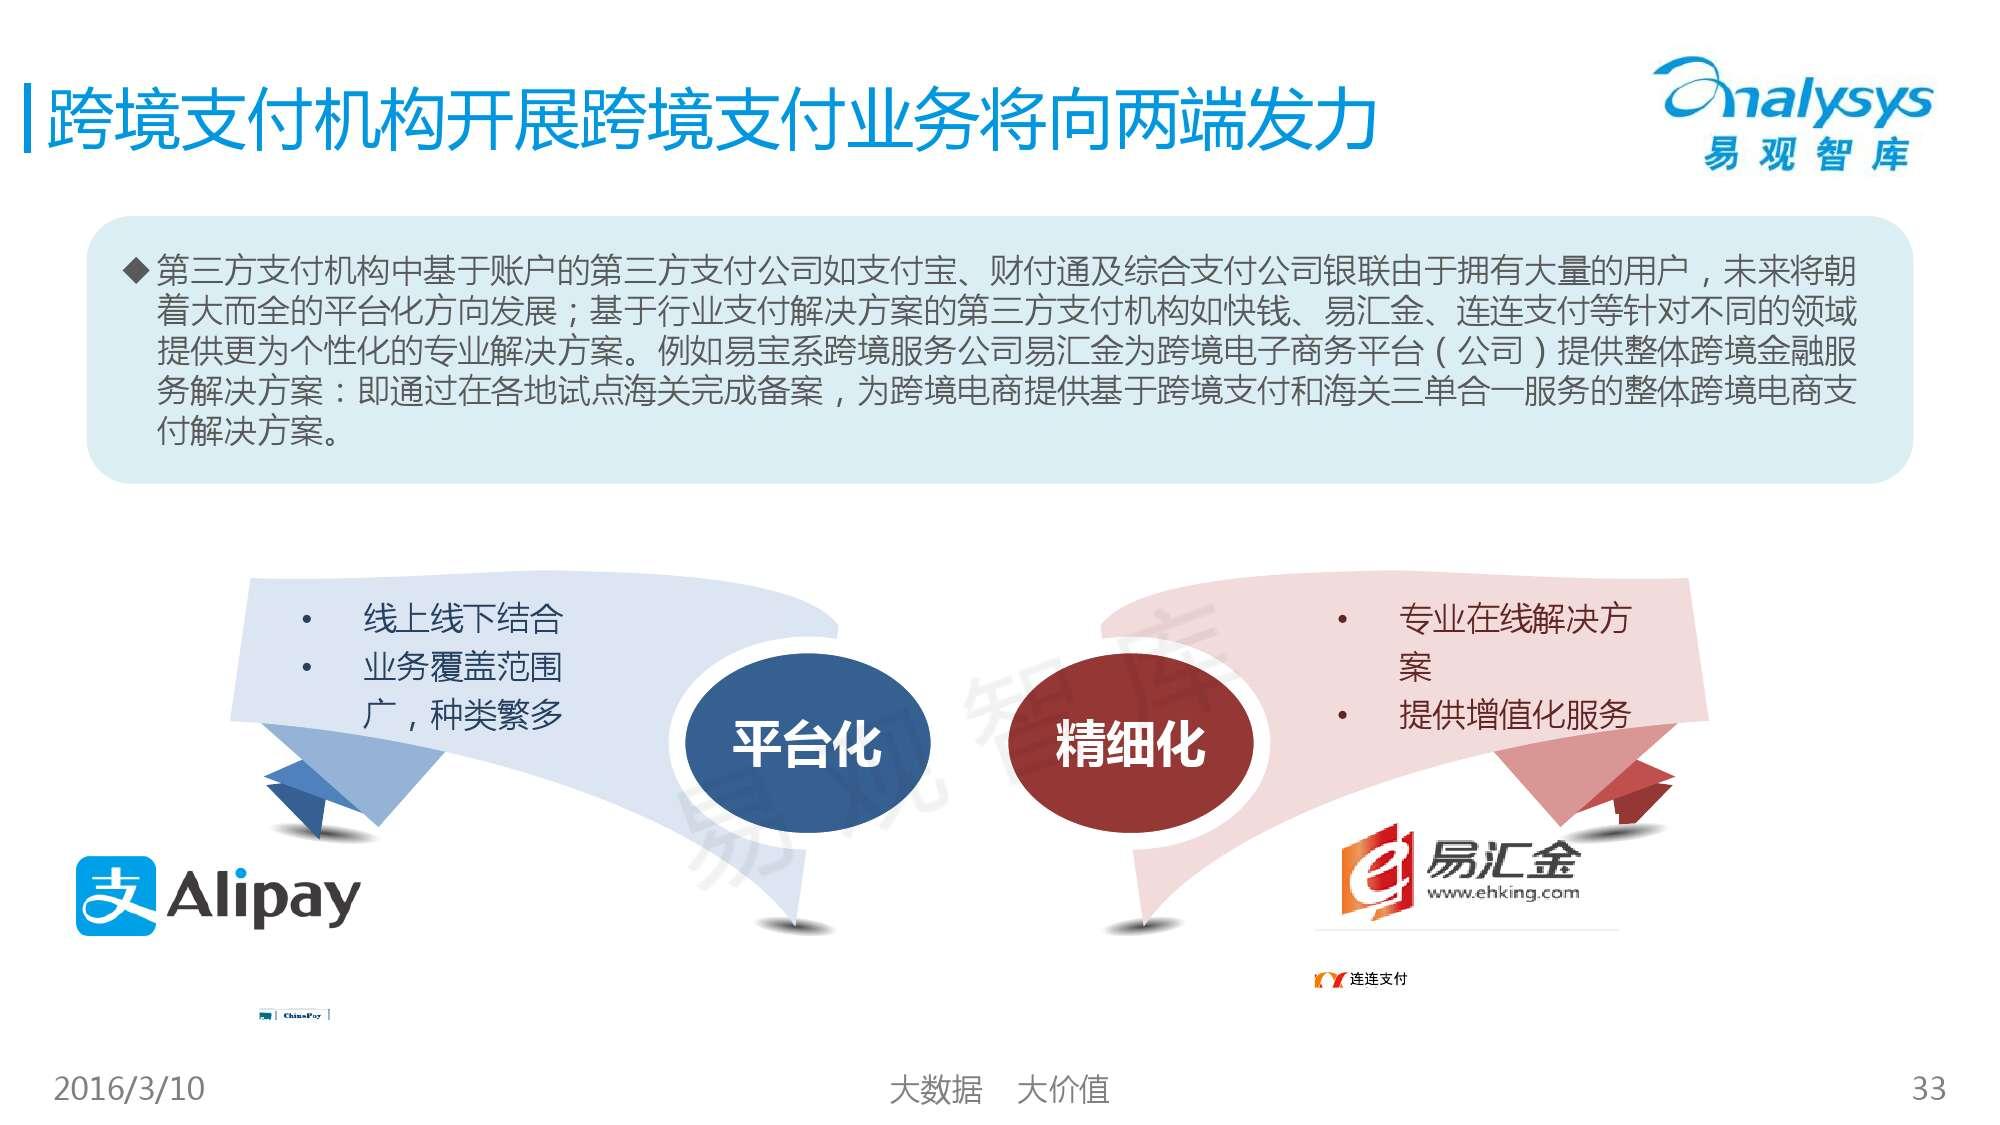 中国跨境支付市场专题研究报告2016_000033